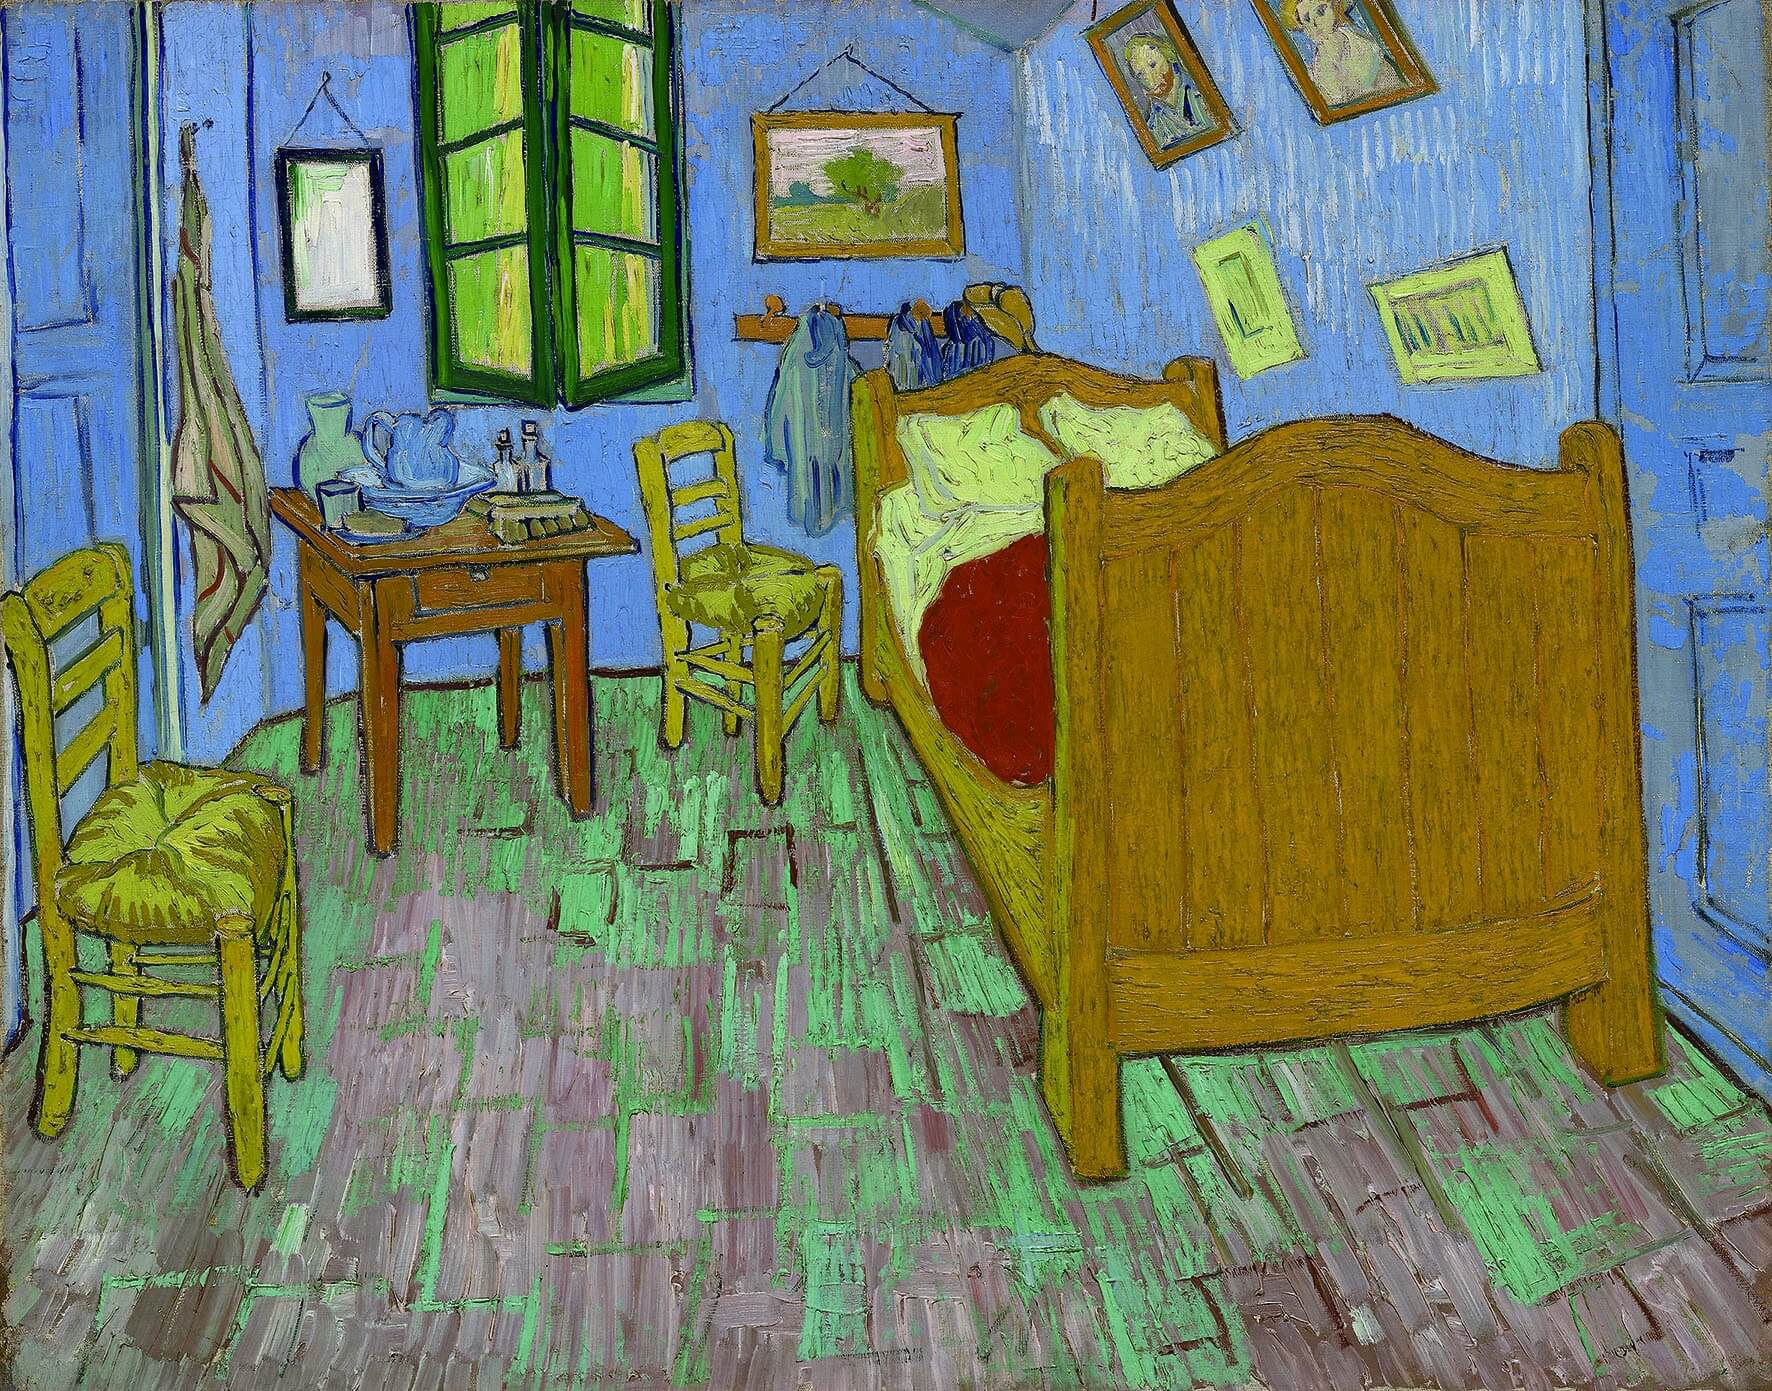 Bebe Un Latte Art De Van Gogh Claude Monet Y Las Famosas